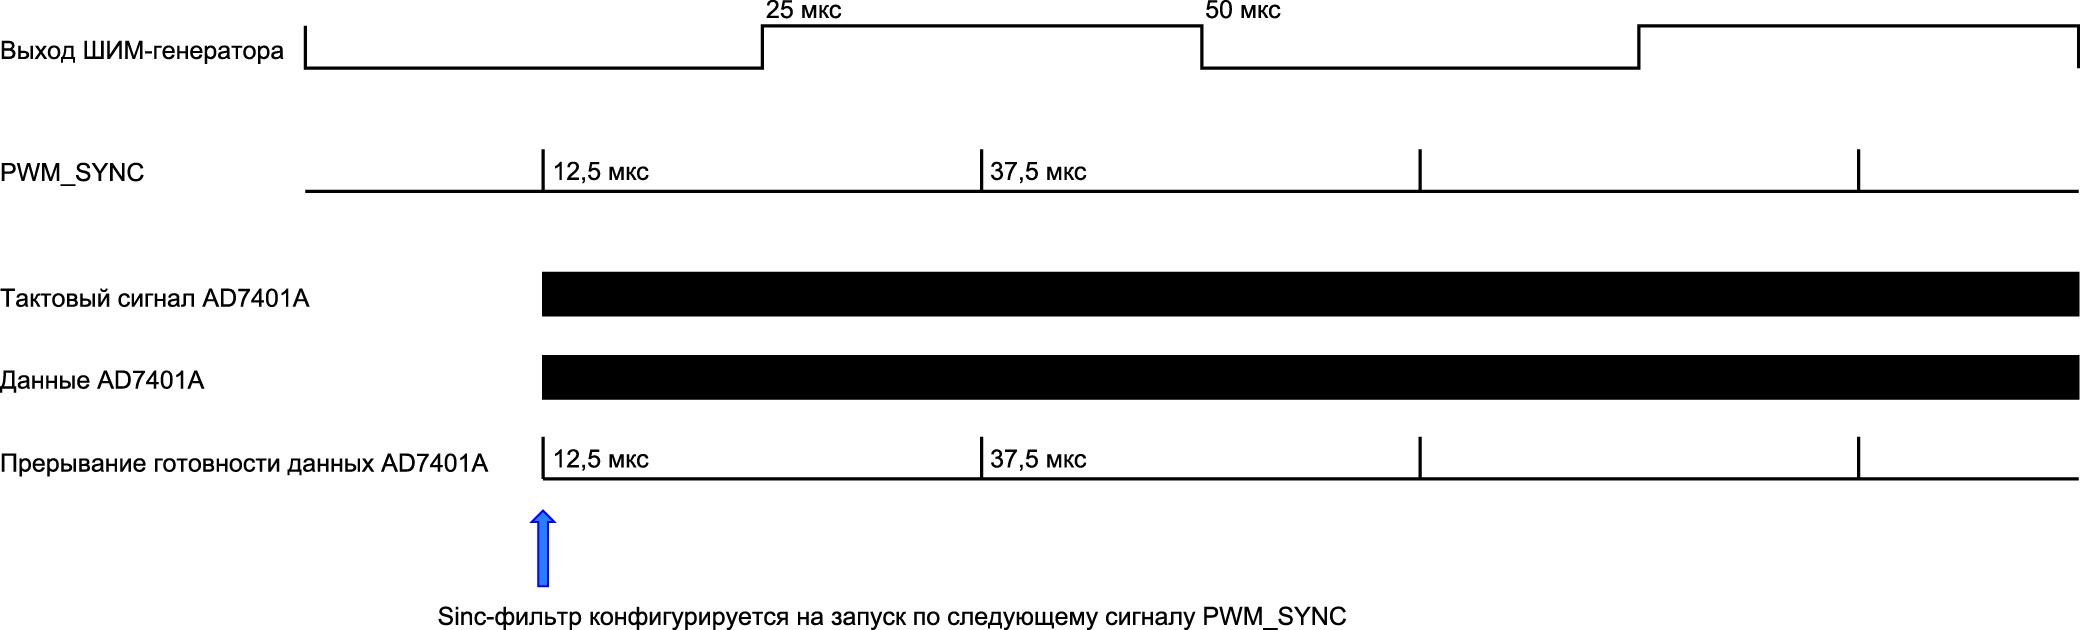 Синхронизация периферийных модулей ШИМ-генератора и sinc-фильтра в процессоре ADSP-CM403